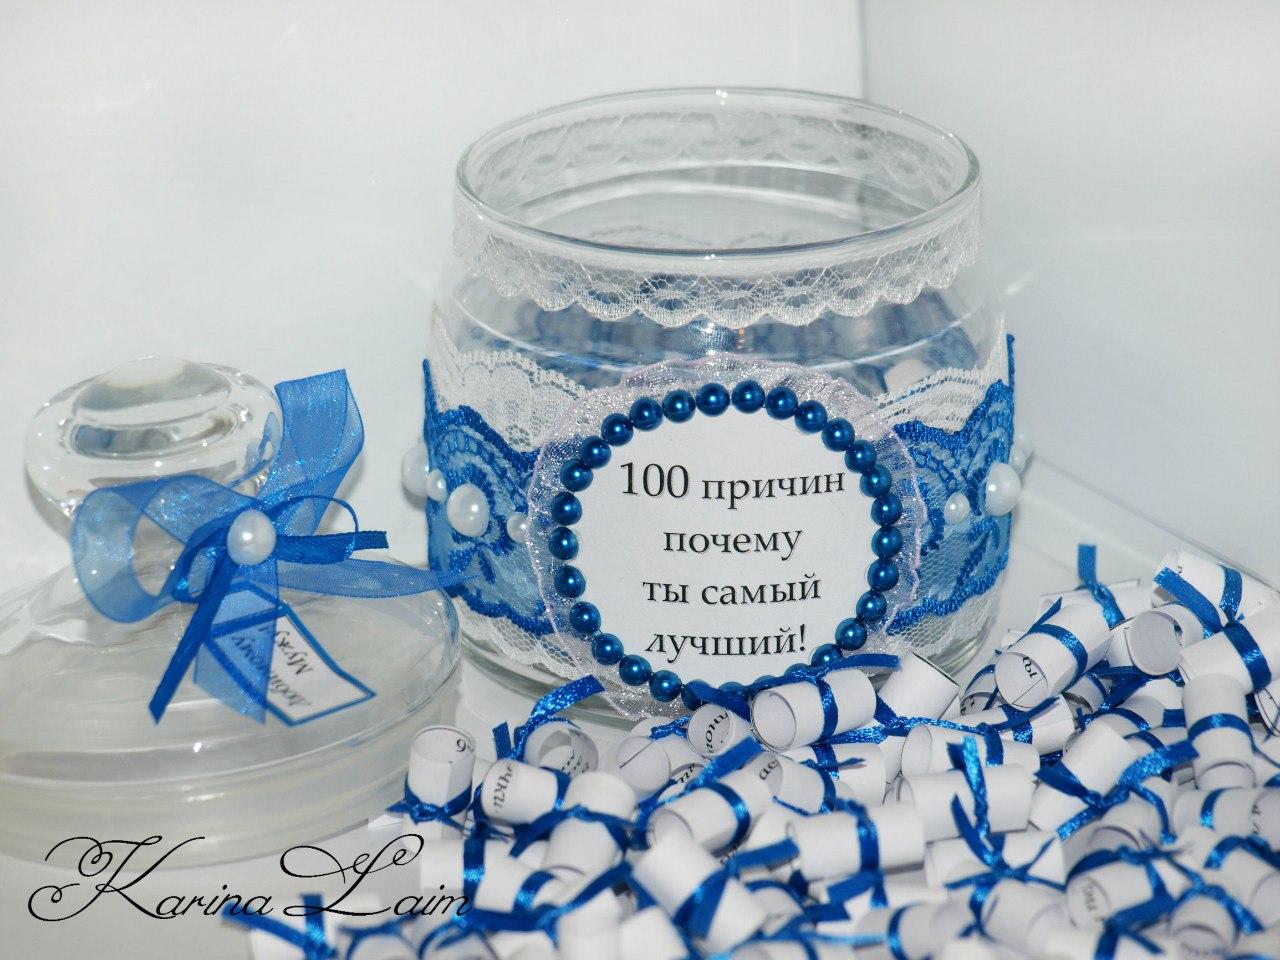 Как сделать баночку для 100 причин 114